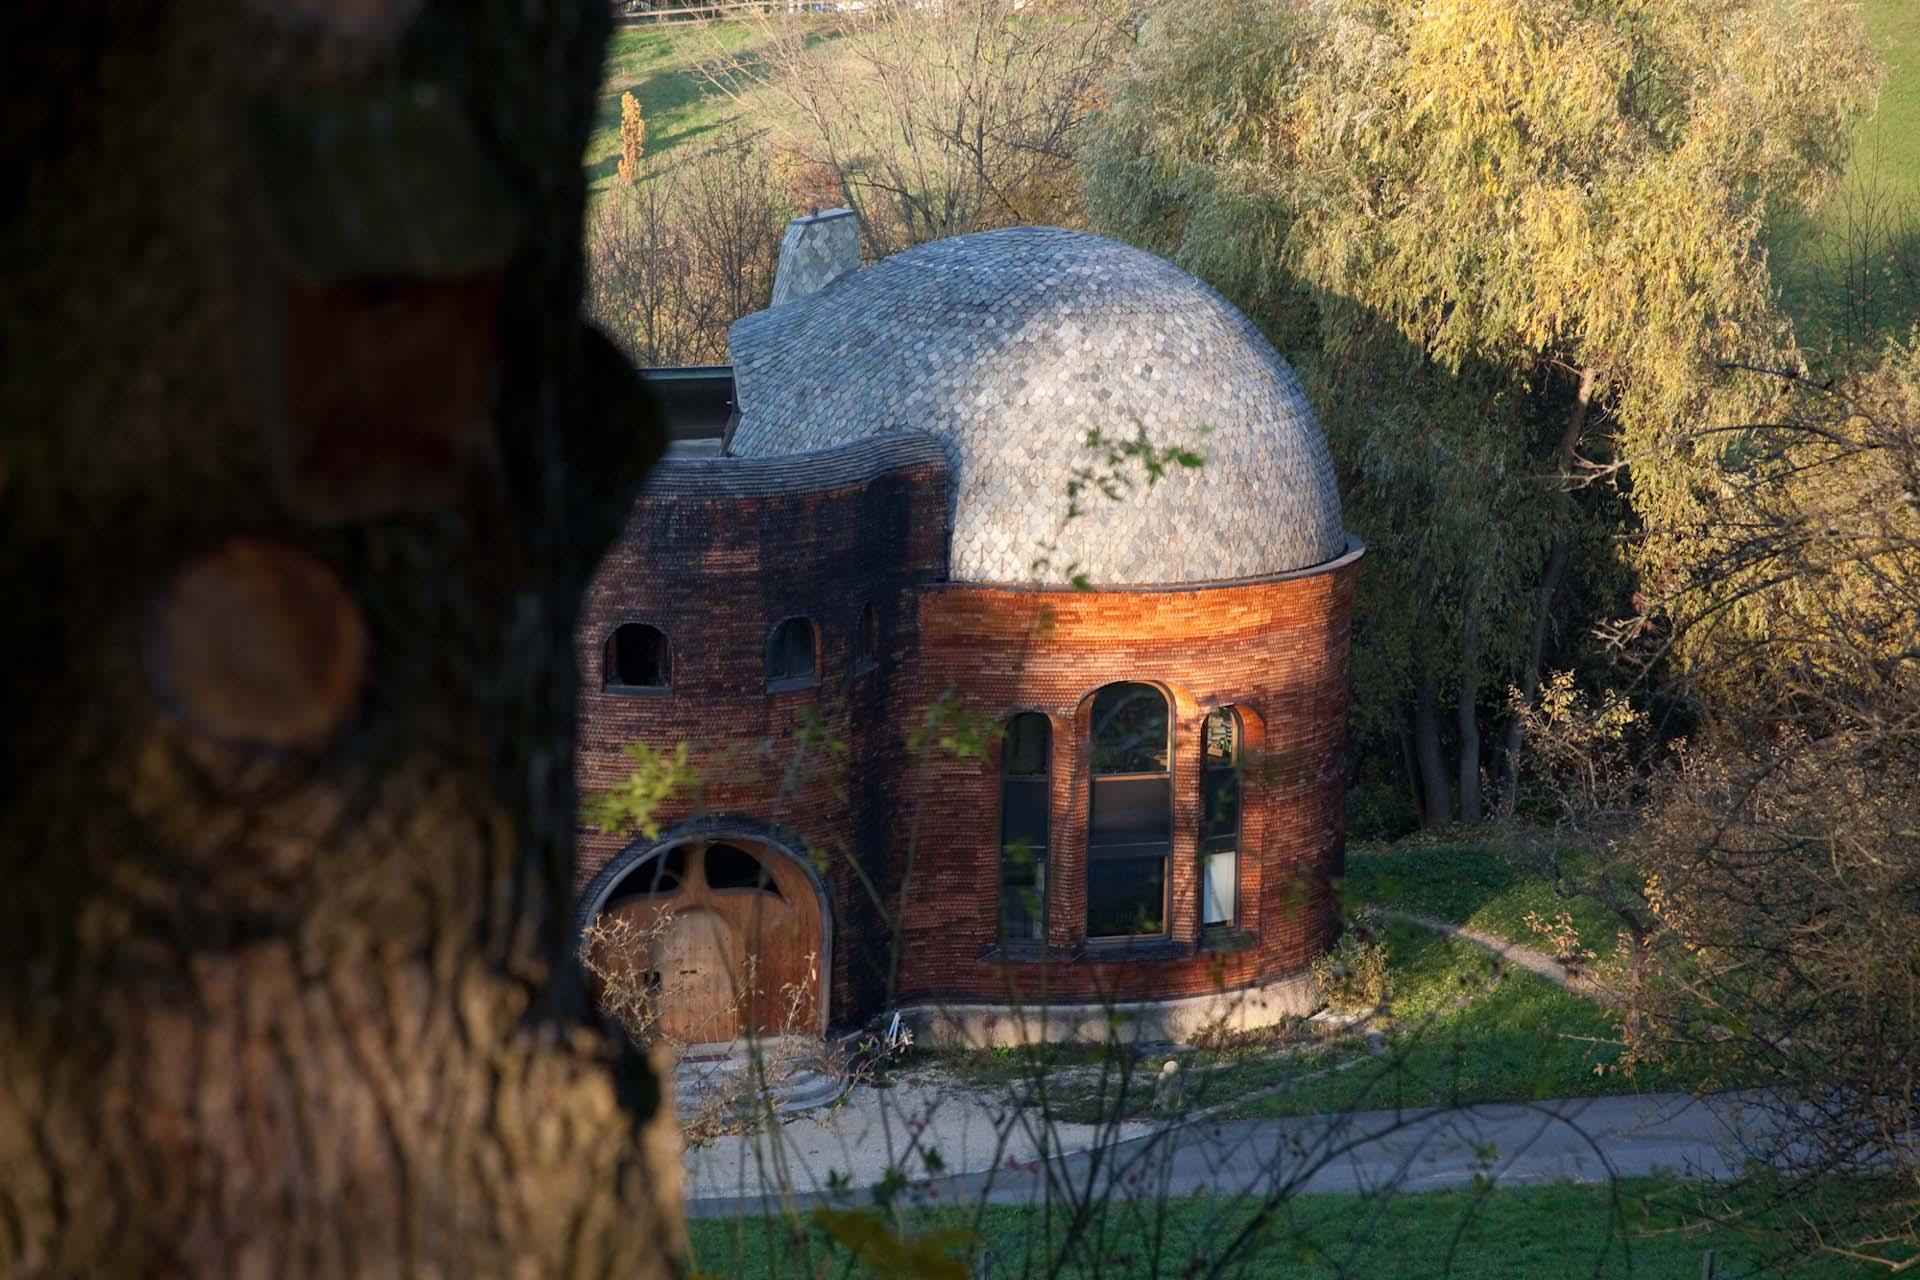 CH, Switzerland, Dornach, 2012-11-14, Glashaus Goetheanum © Stefan Pangritz